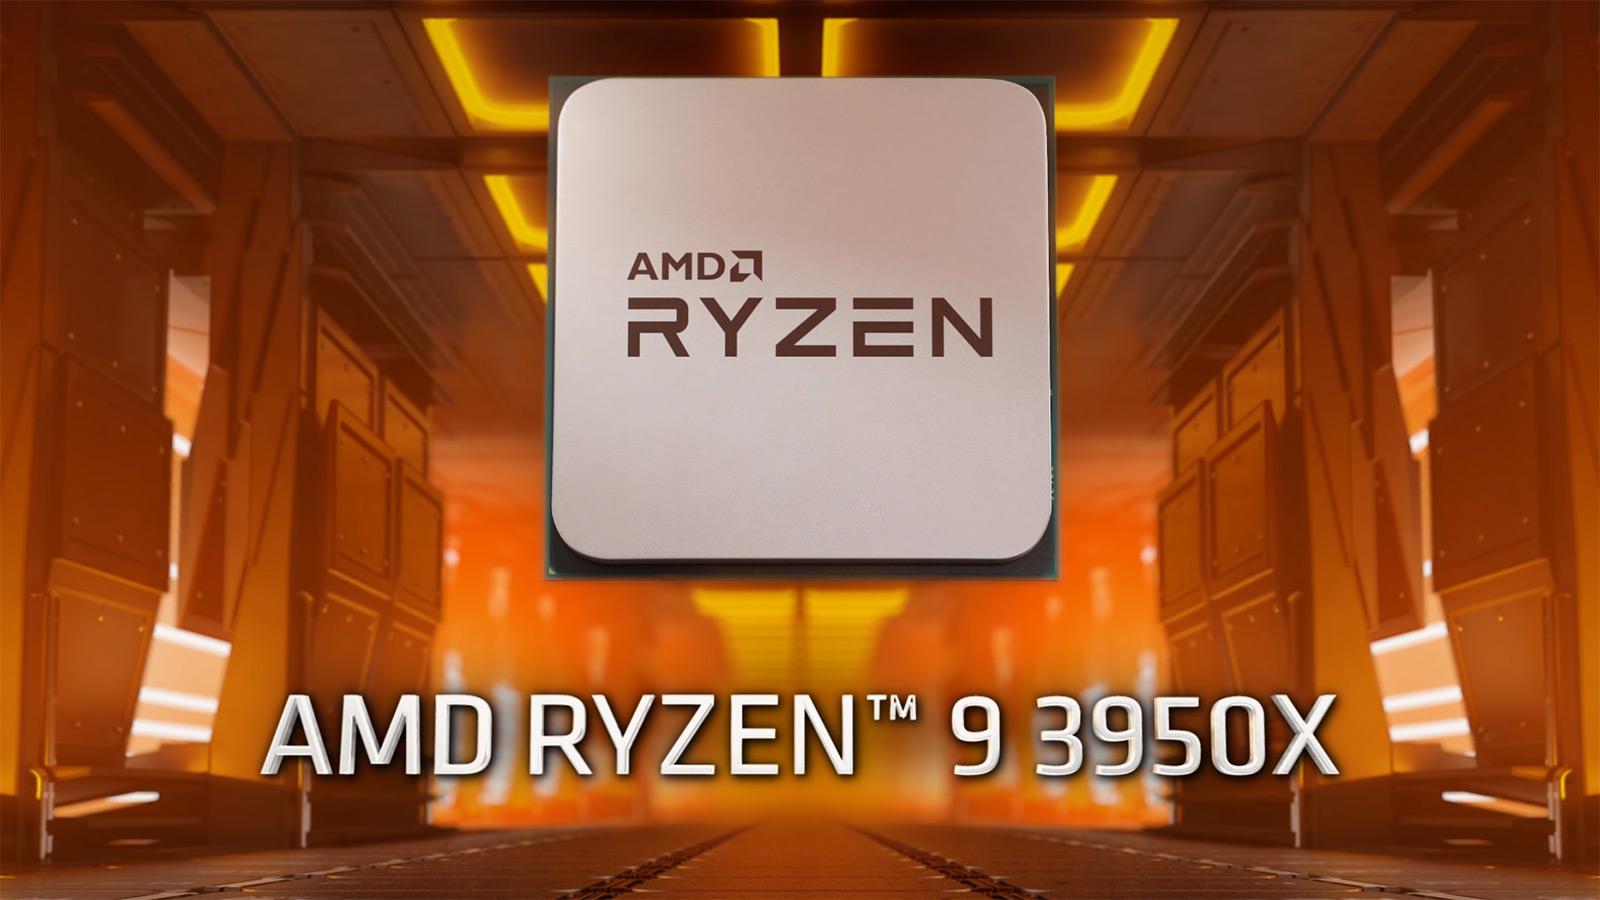 AMD Ryzen 9 3950X lehen dendan aurkitu da